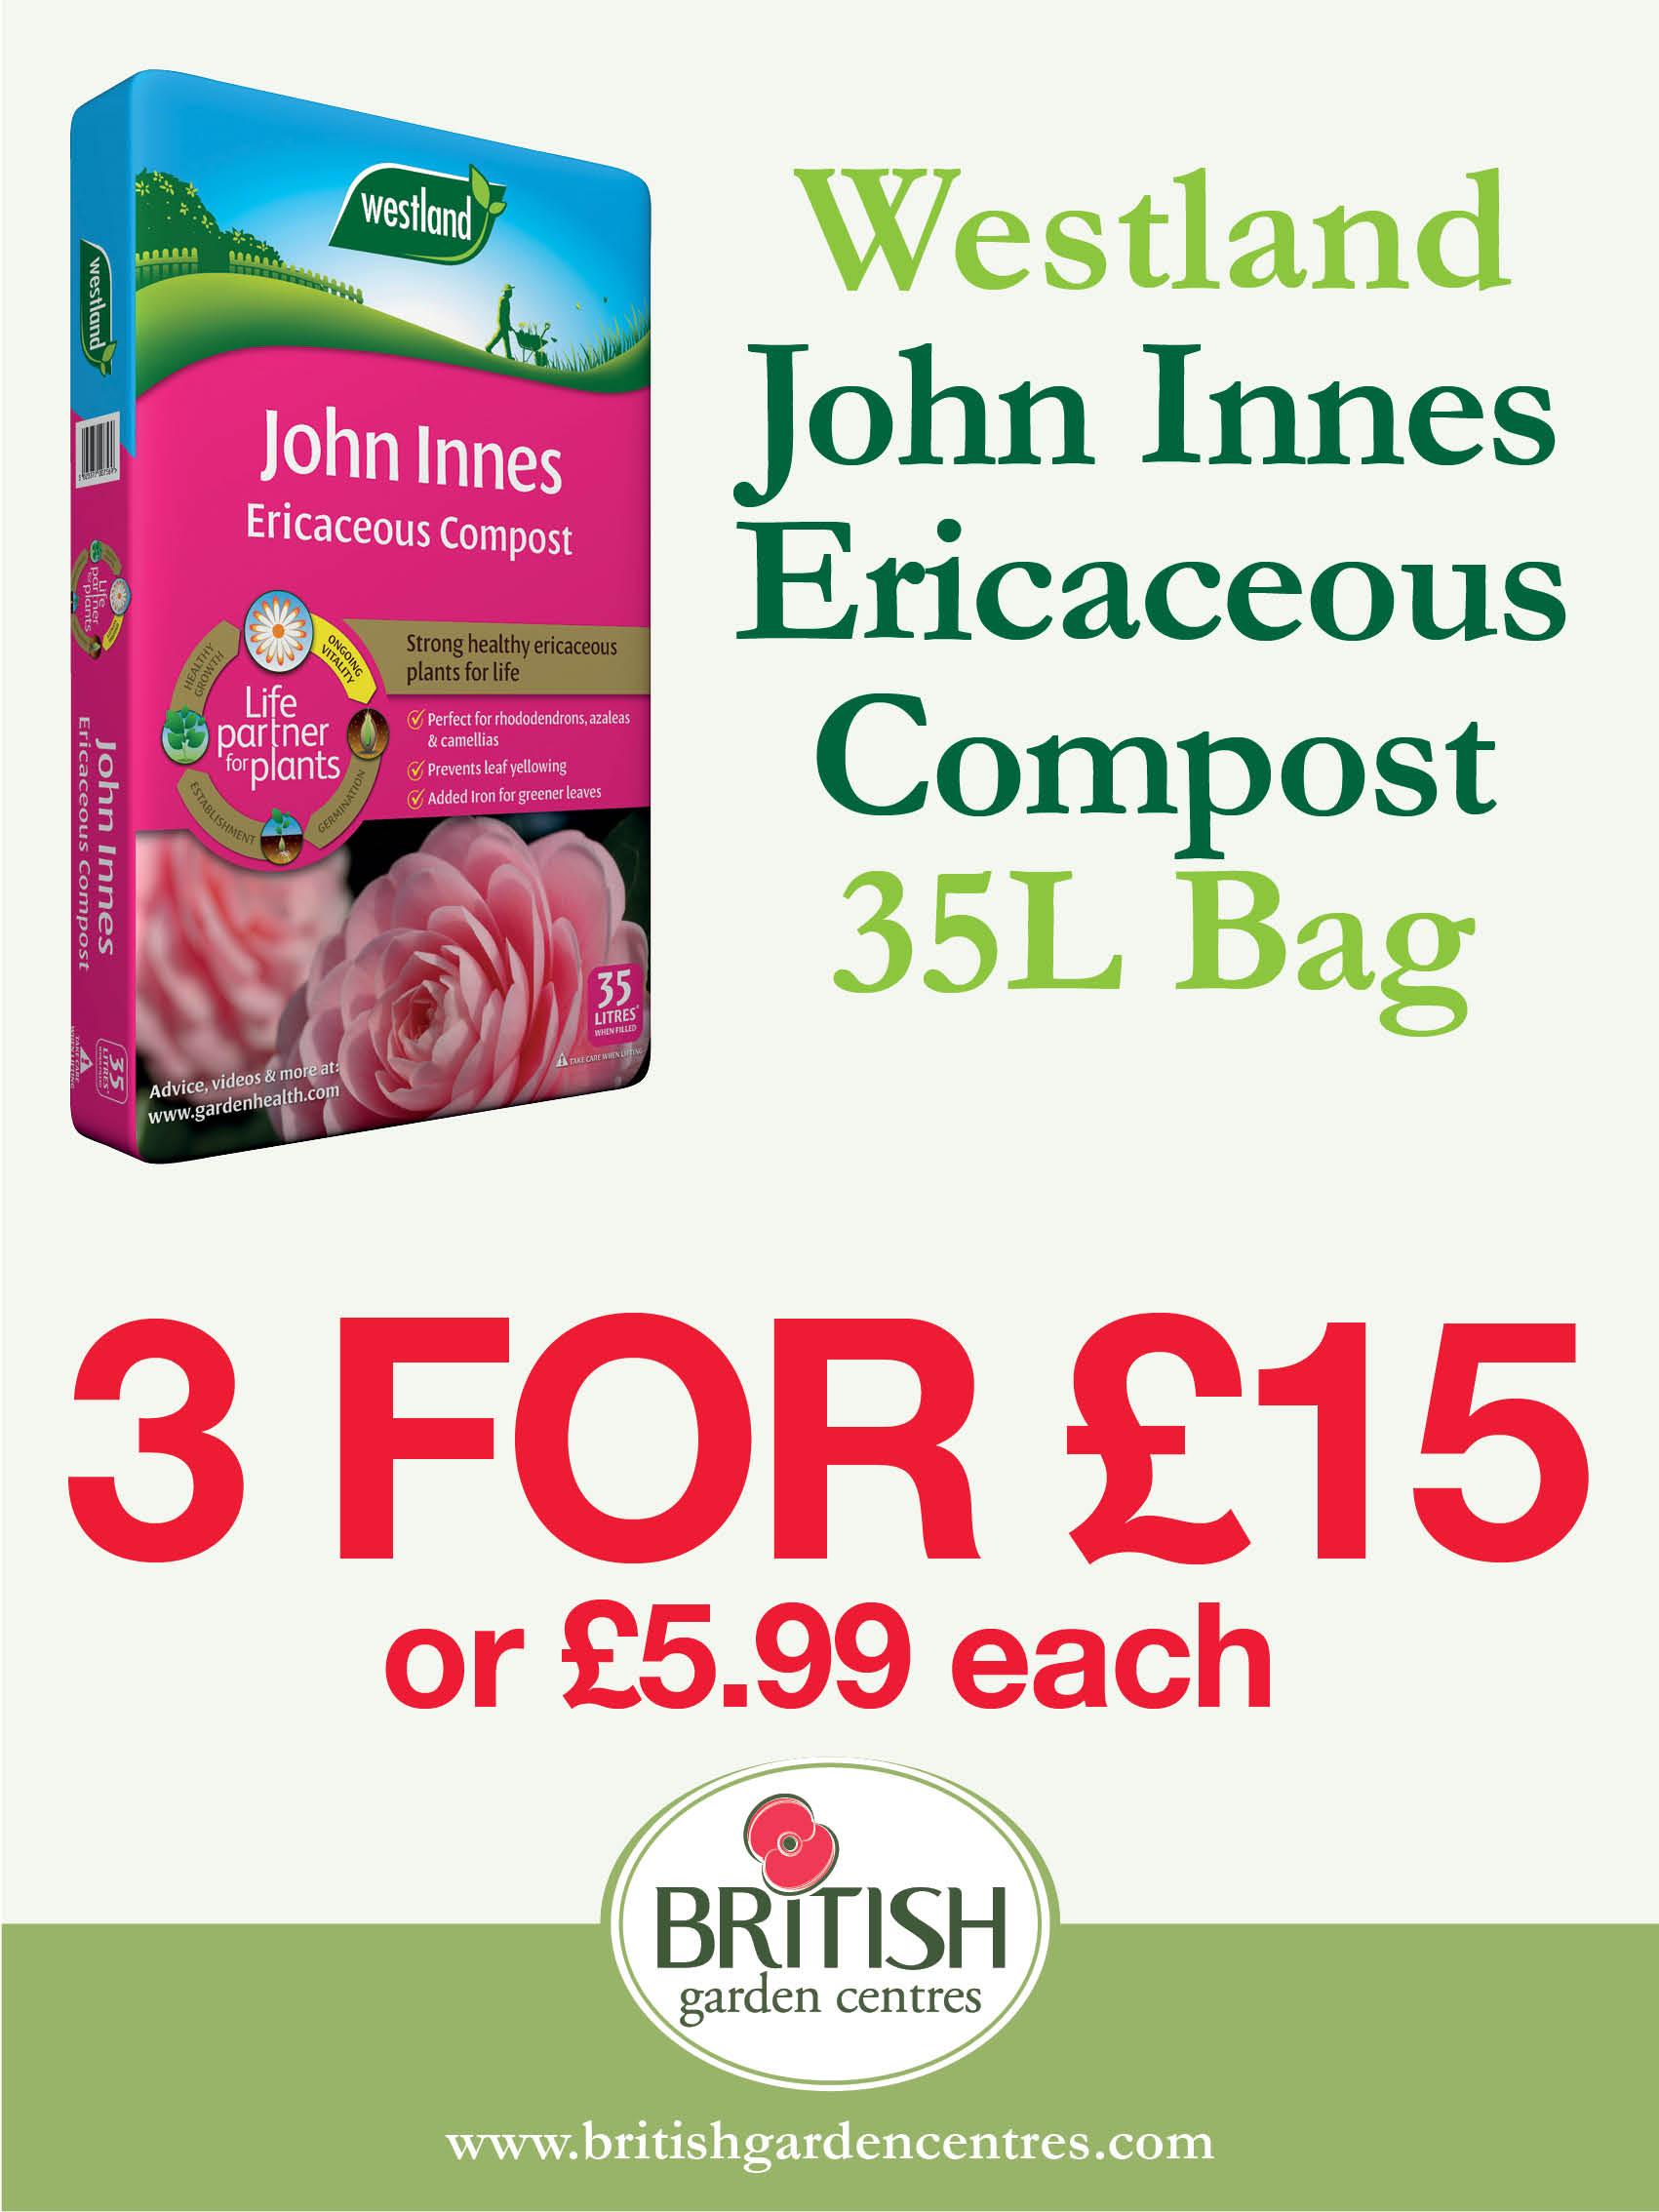 John Innes Ericaceous Compost 35L